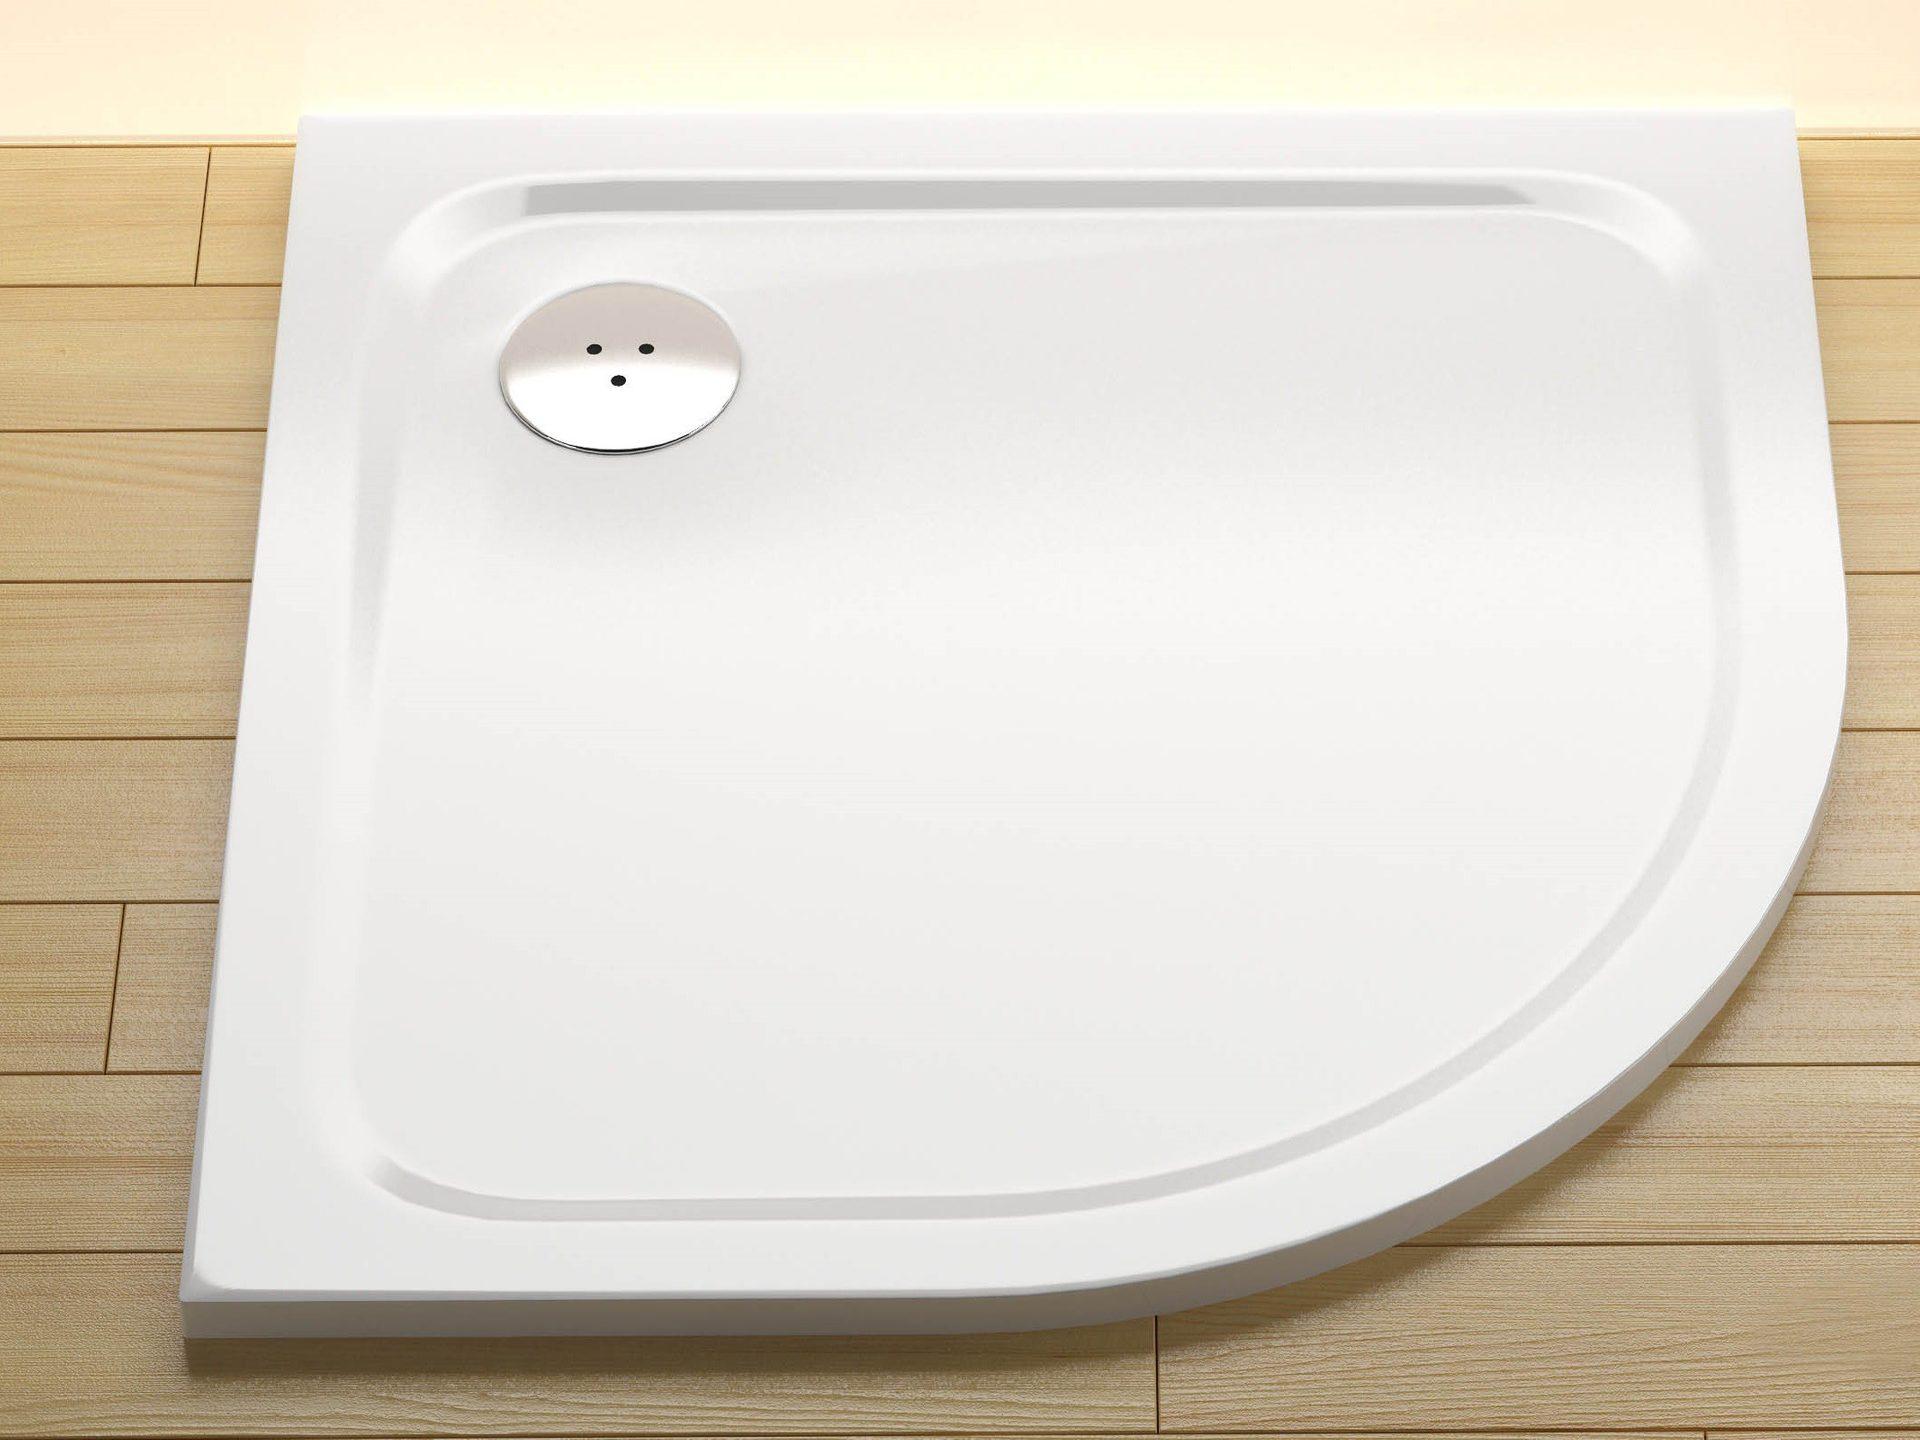 mineralguss duschtasse viertelkreis 90 x 90 x 1,5 cm r50 duschwanne